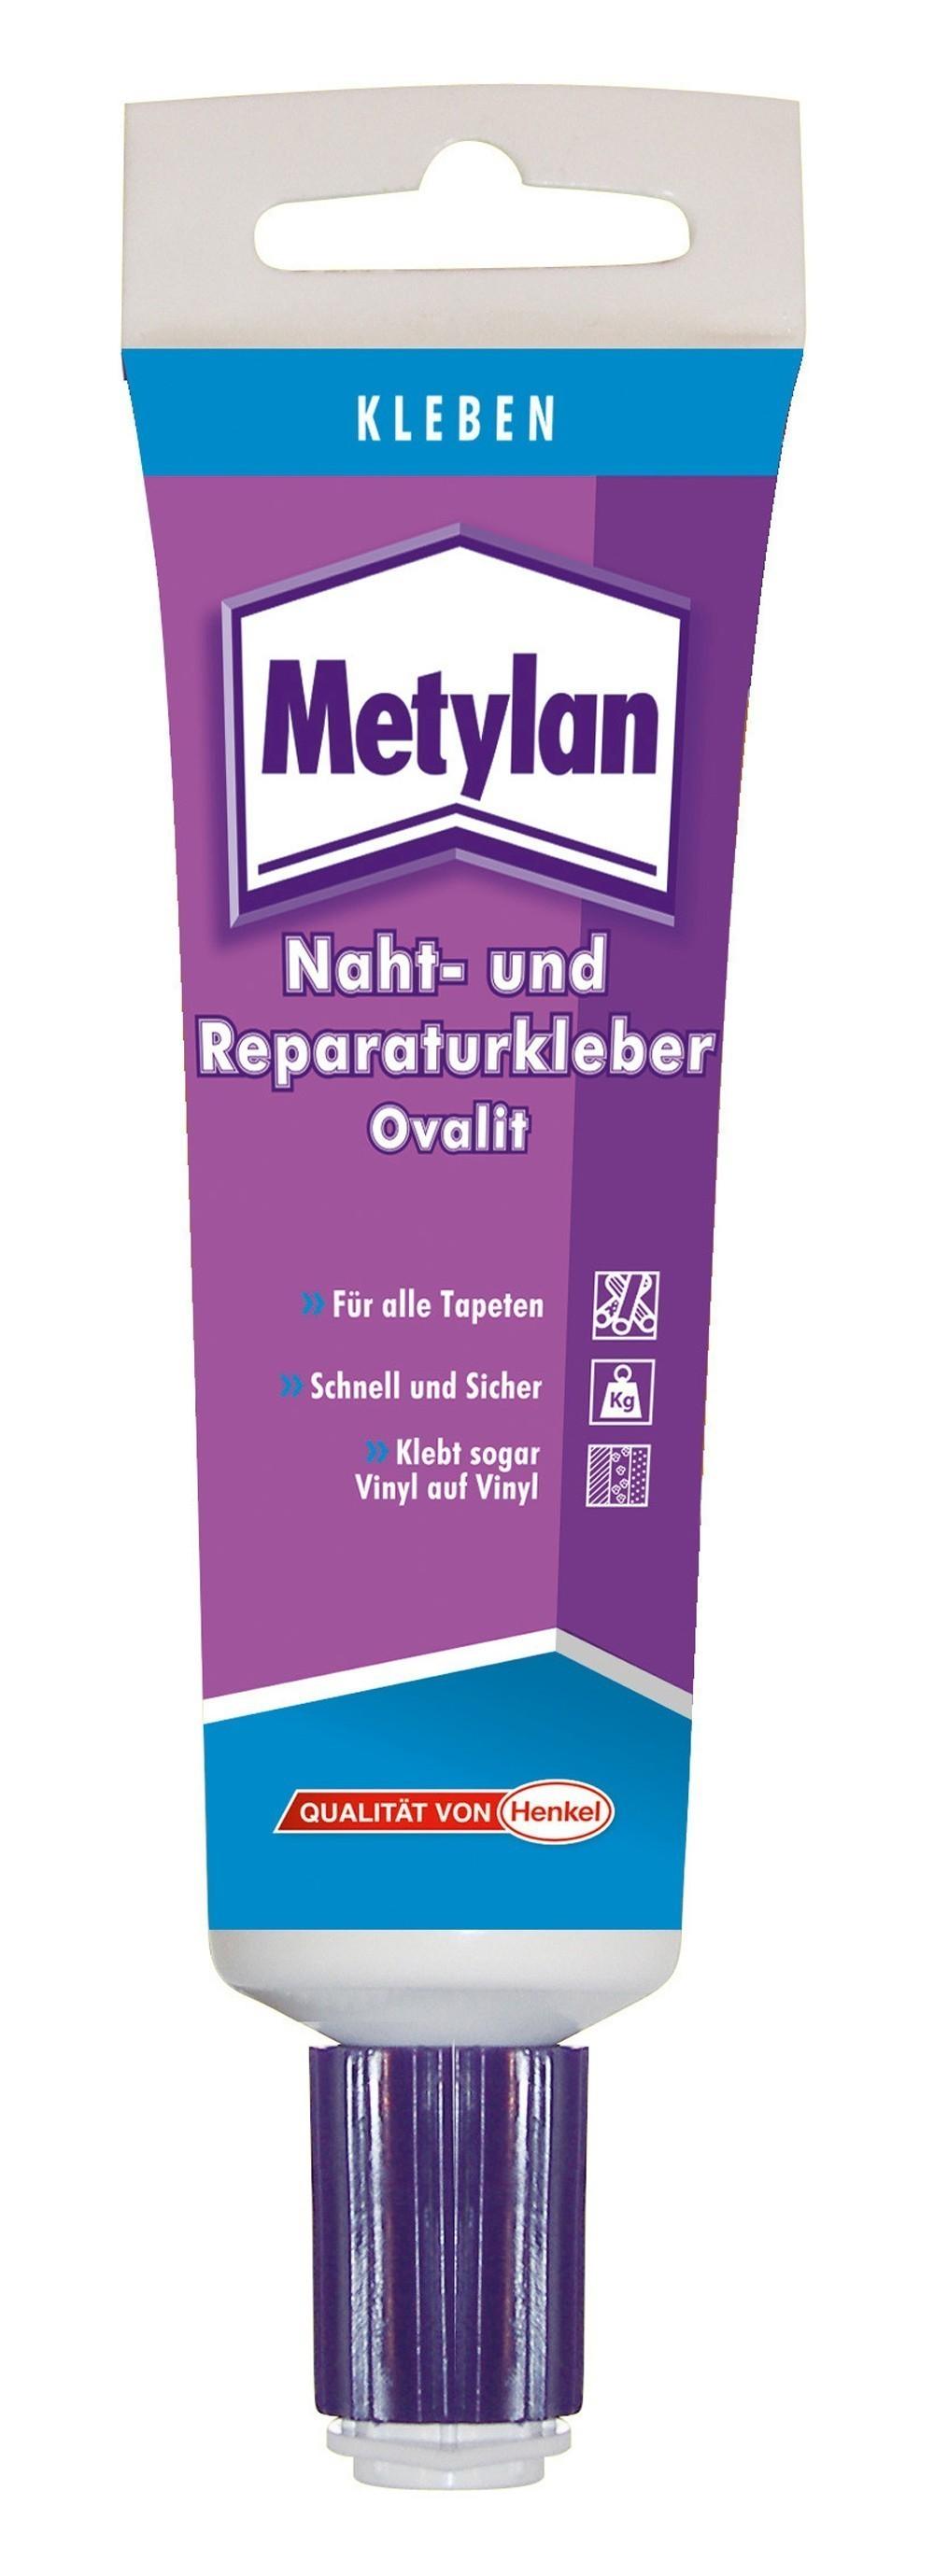 Metylan Naht- und Reparatur-Kleber 60g Bild 1